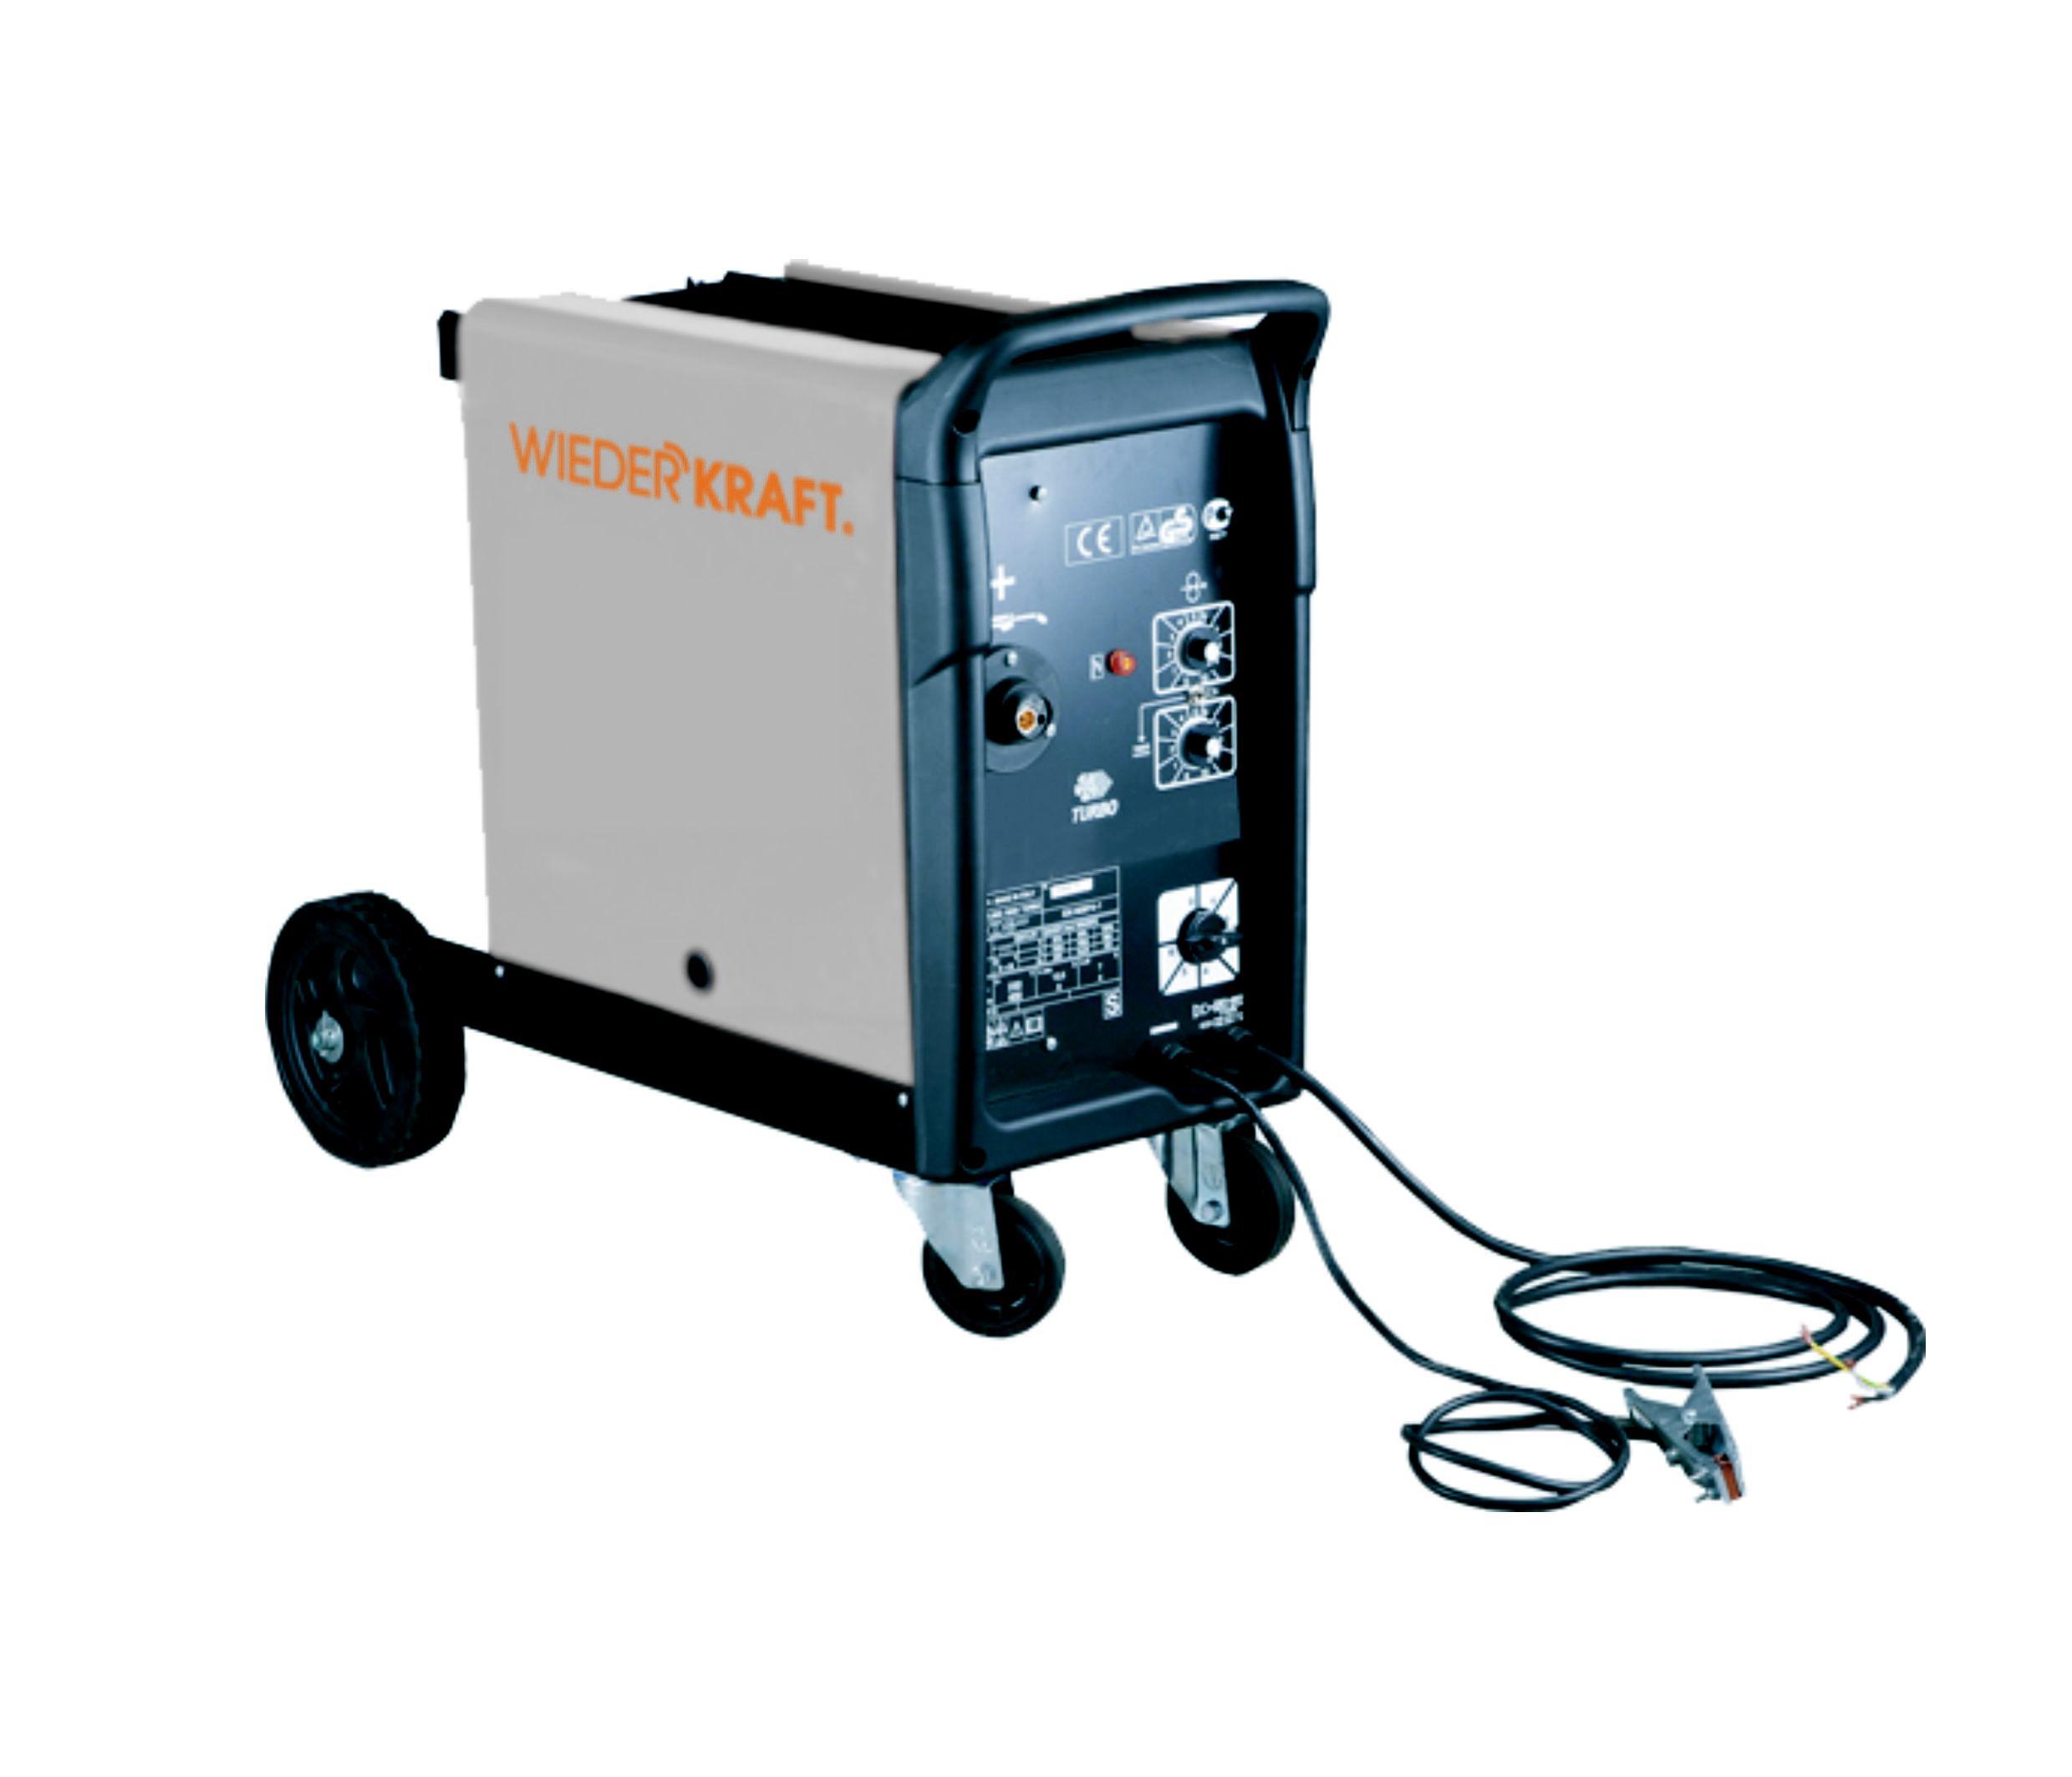 Купить со скидкой Сварочный полуавтомат Wiederkraft Wdk-620038r